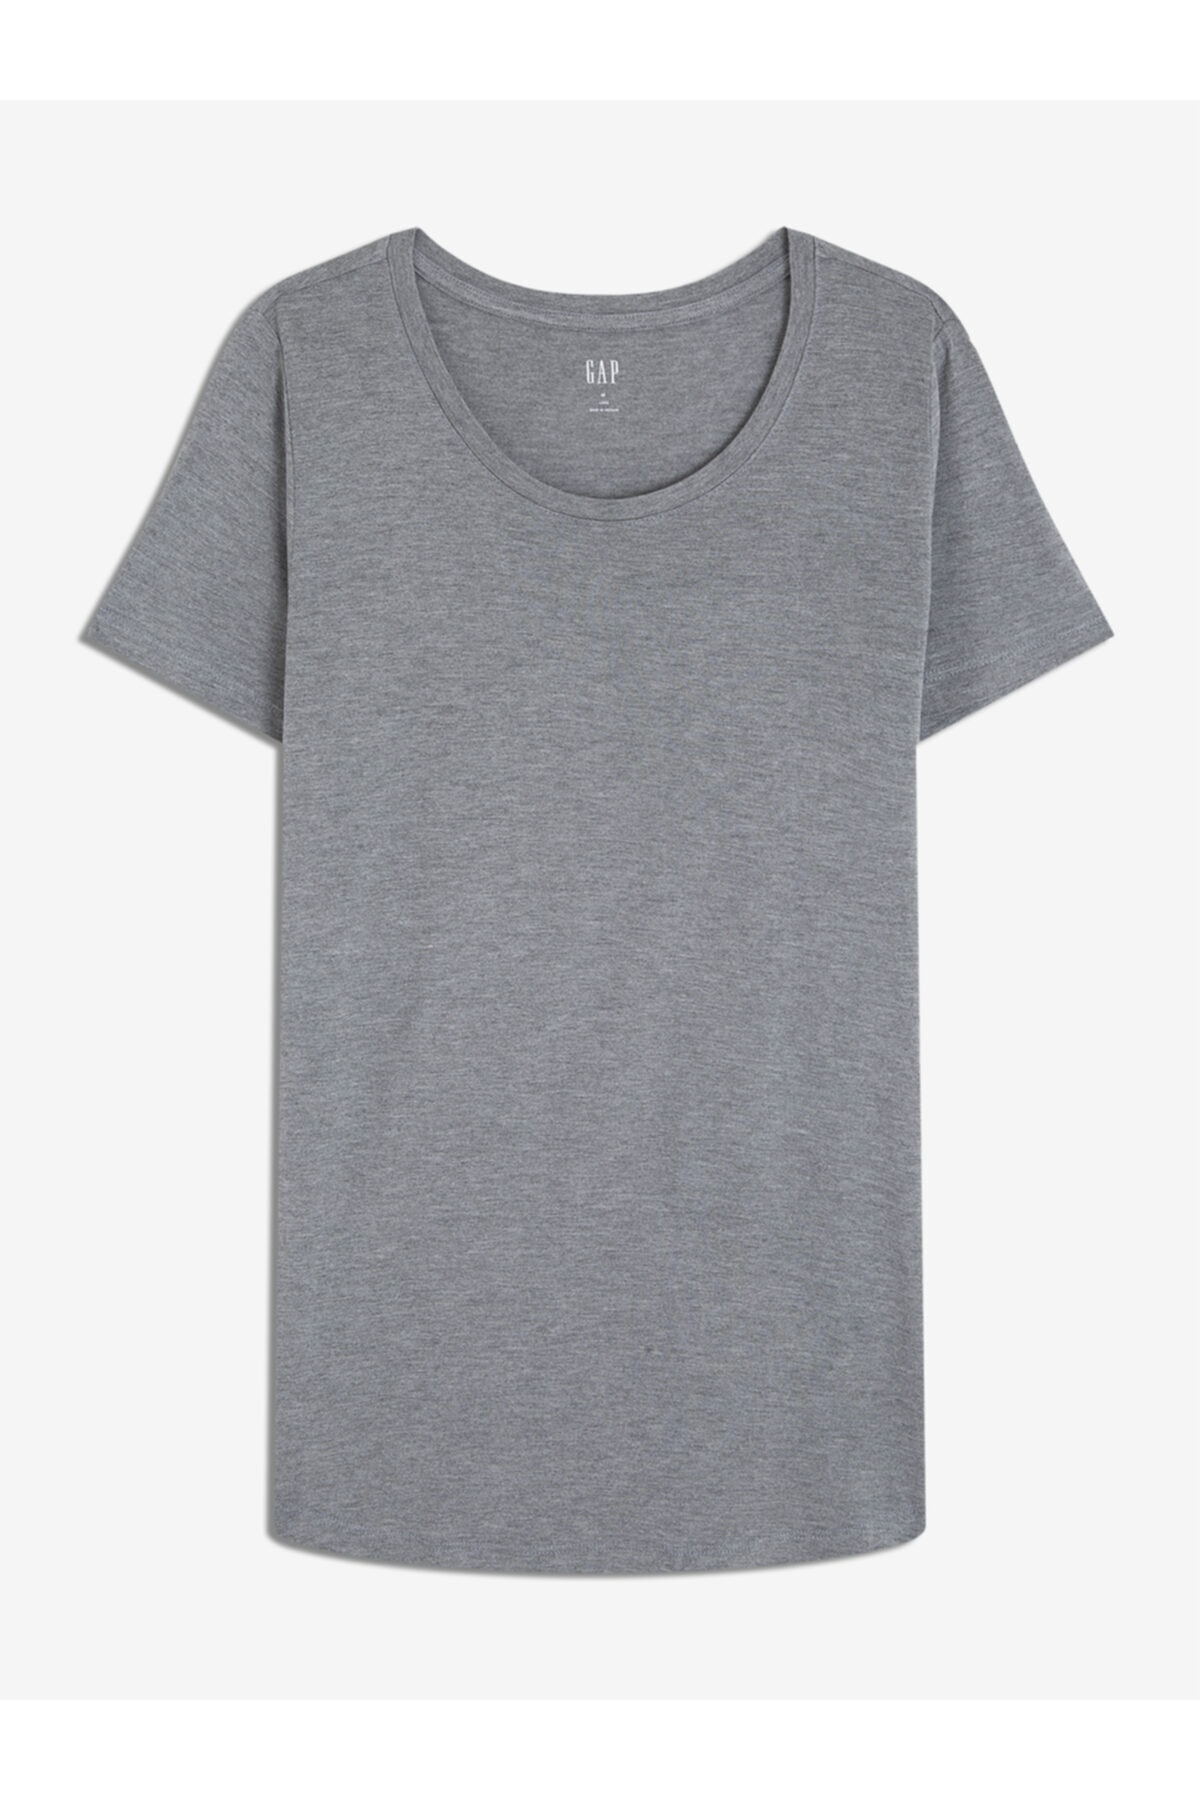 GAP Kadın Kısa Kollu Jarse T-shirt 1